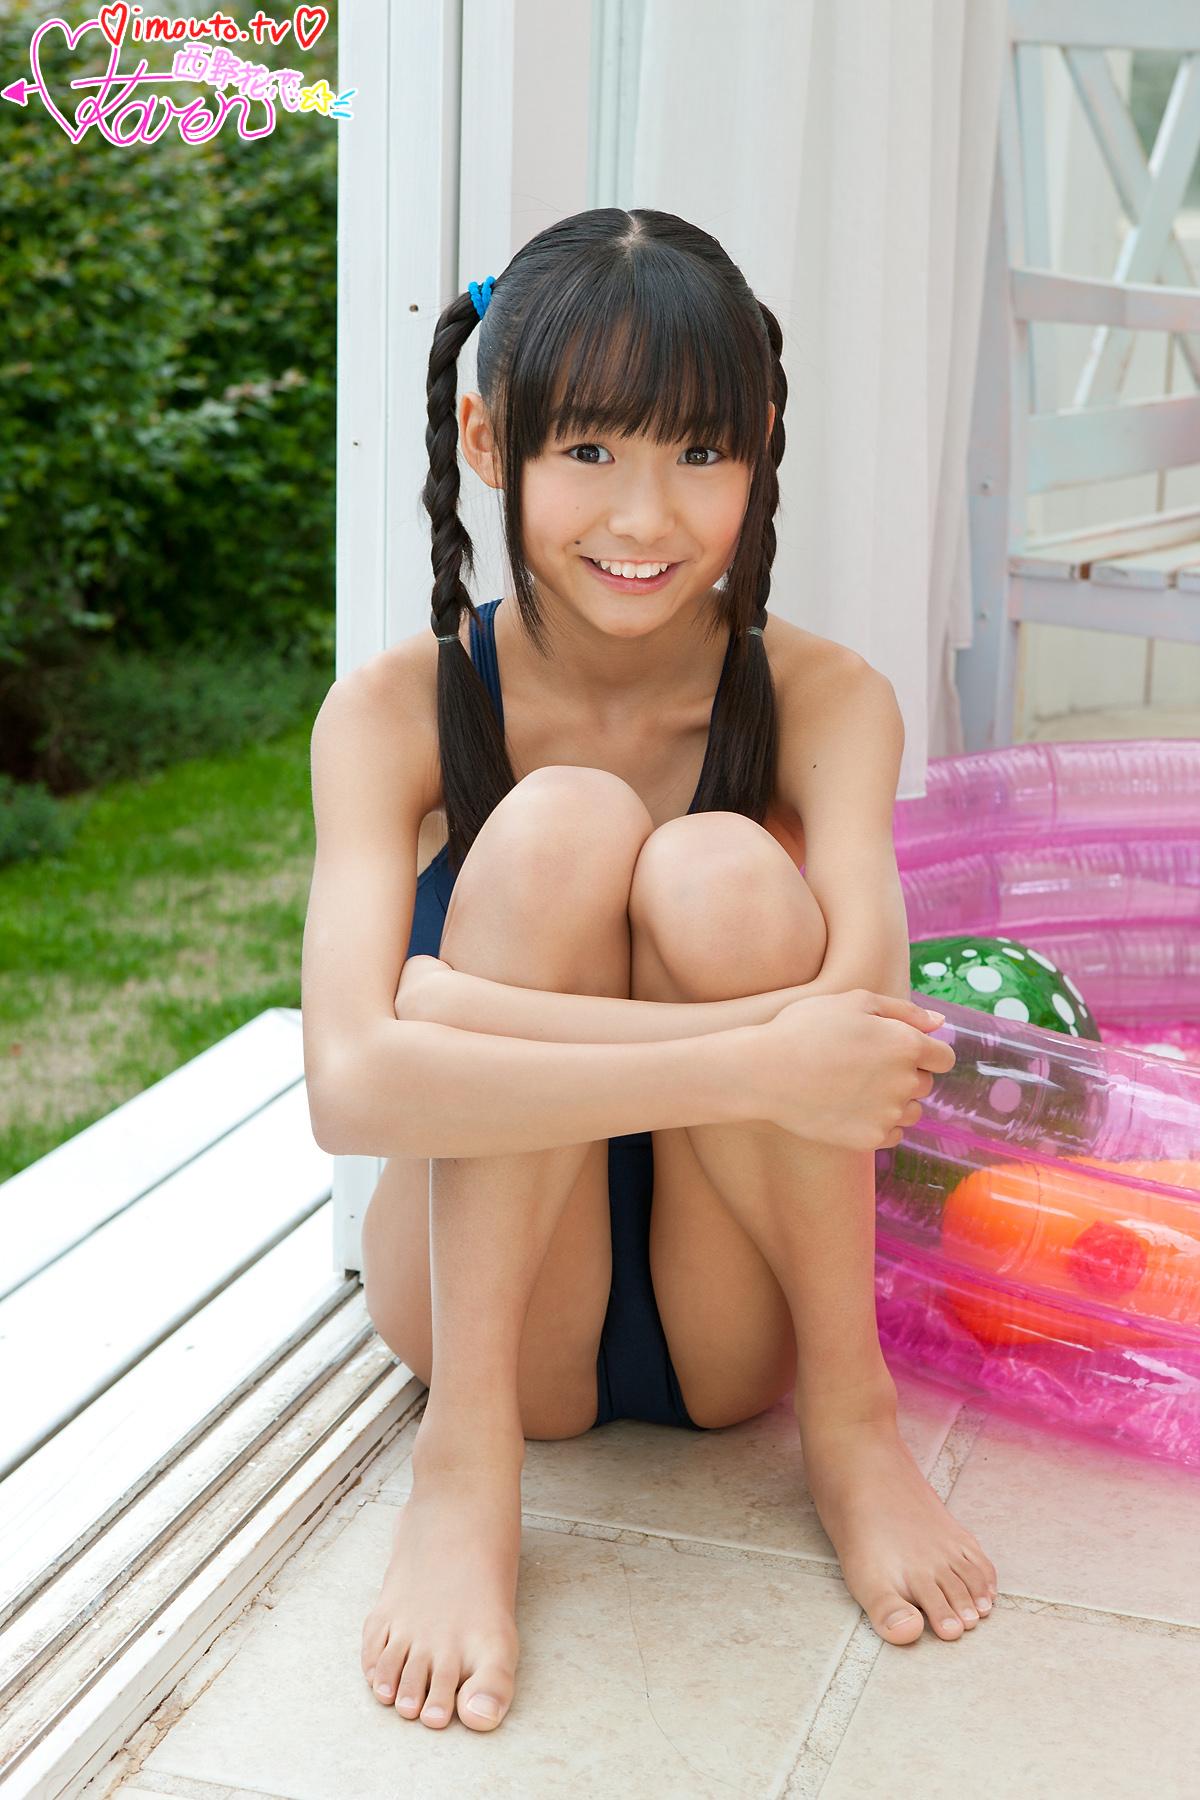 karen_nishino imouto_tv nishino karen imouto